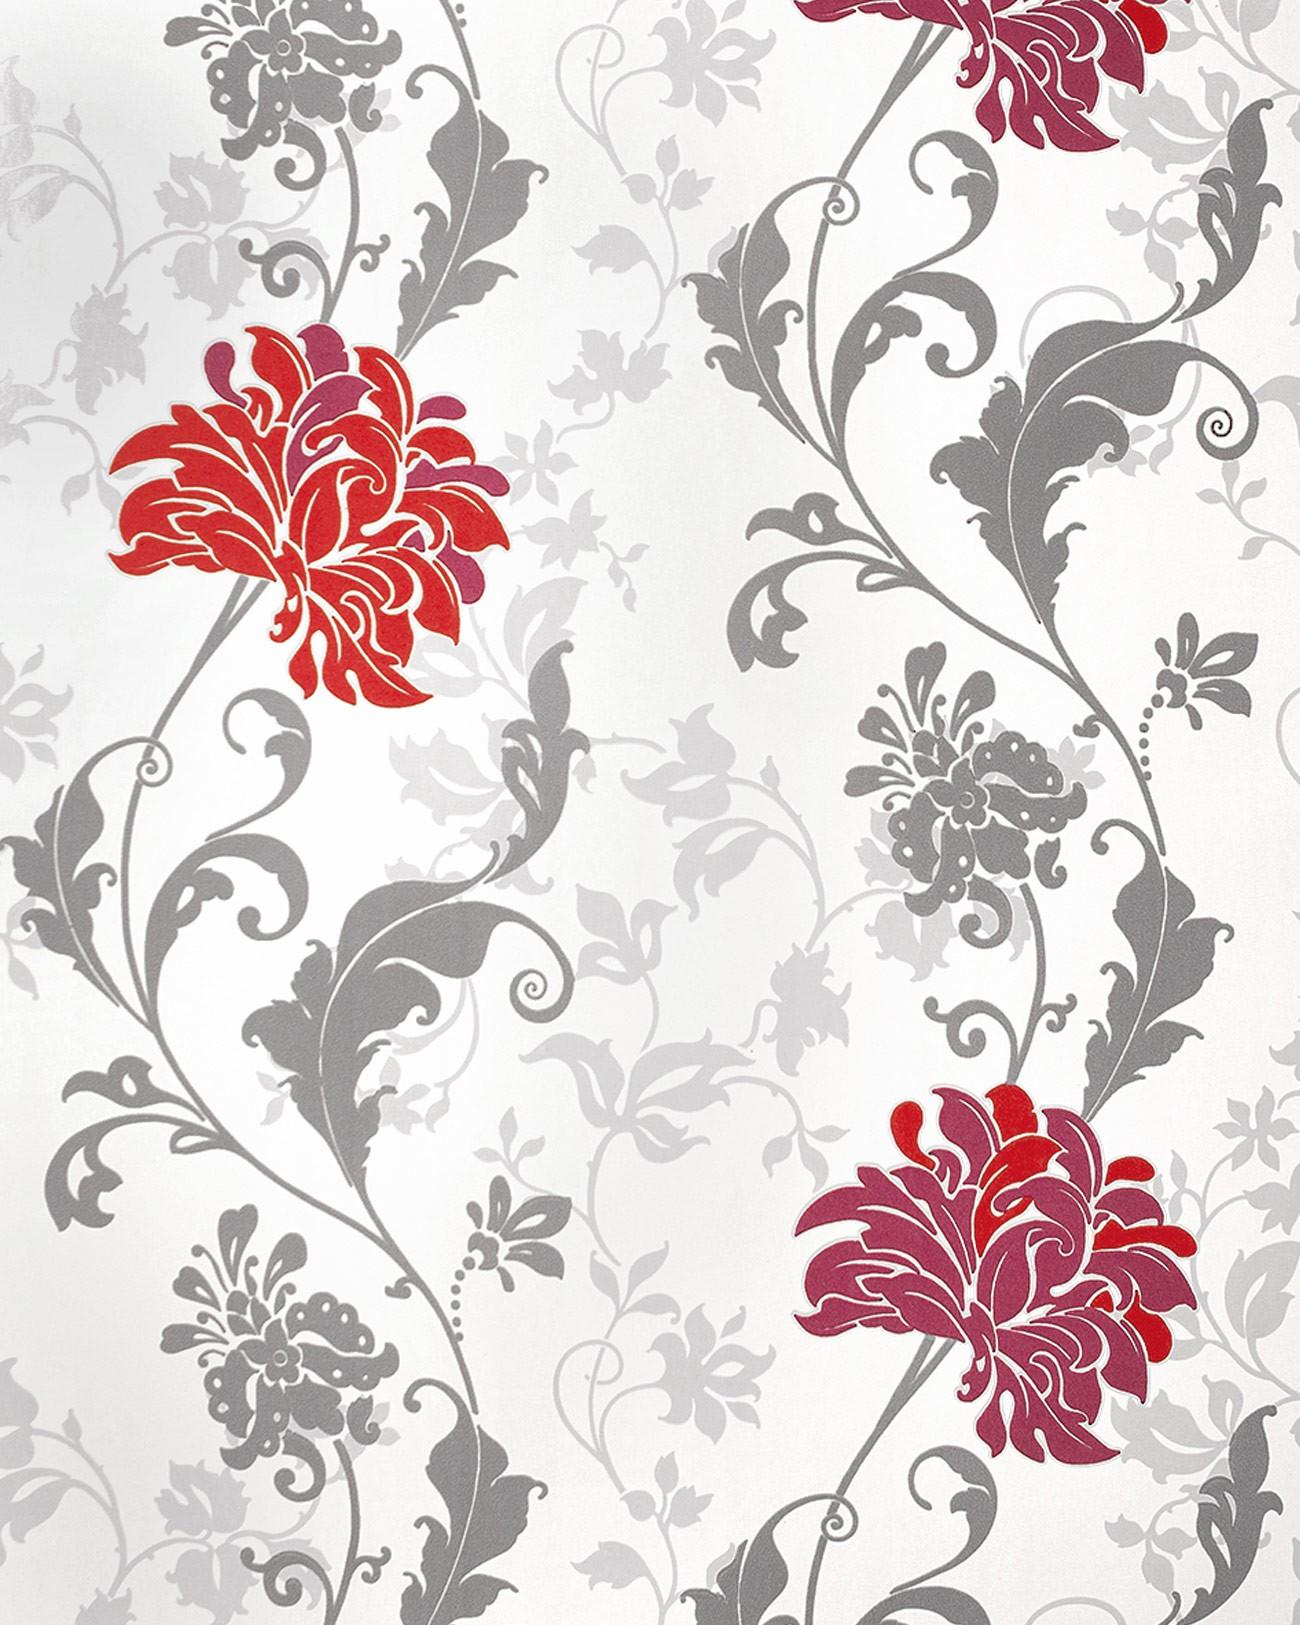 Papier peint floral edem 833 25 dessin pr cieux fleurs et for Papel pintado rojo y blanco